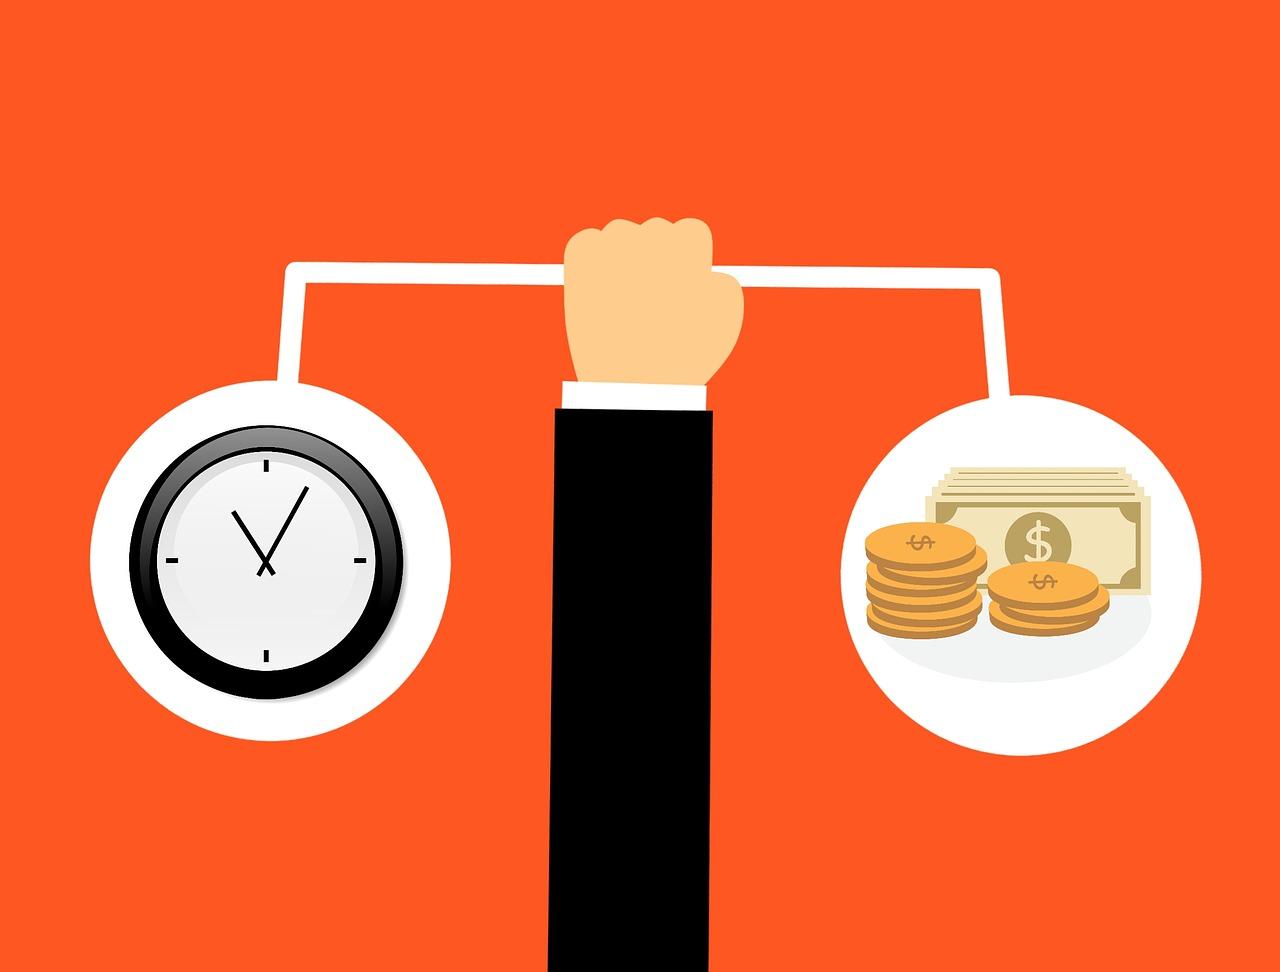 Законно ли штрафовать работника за опоздание